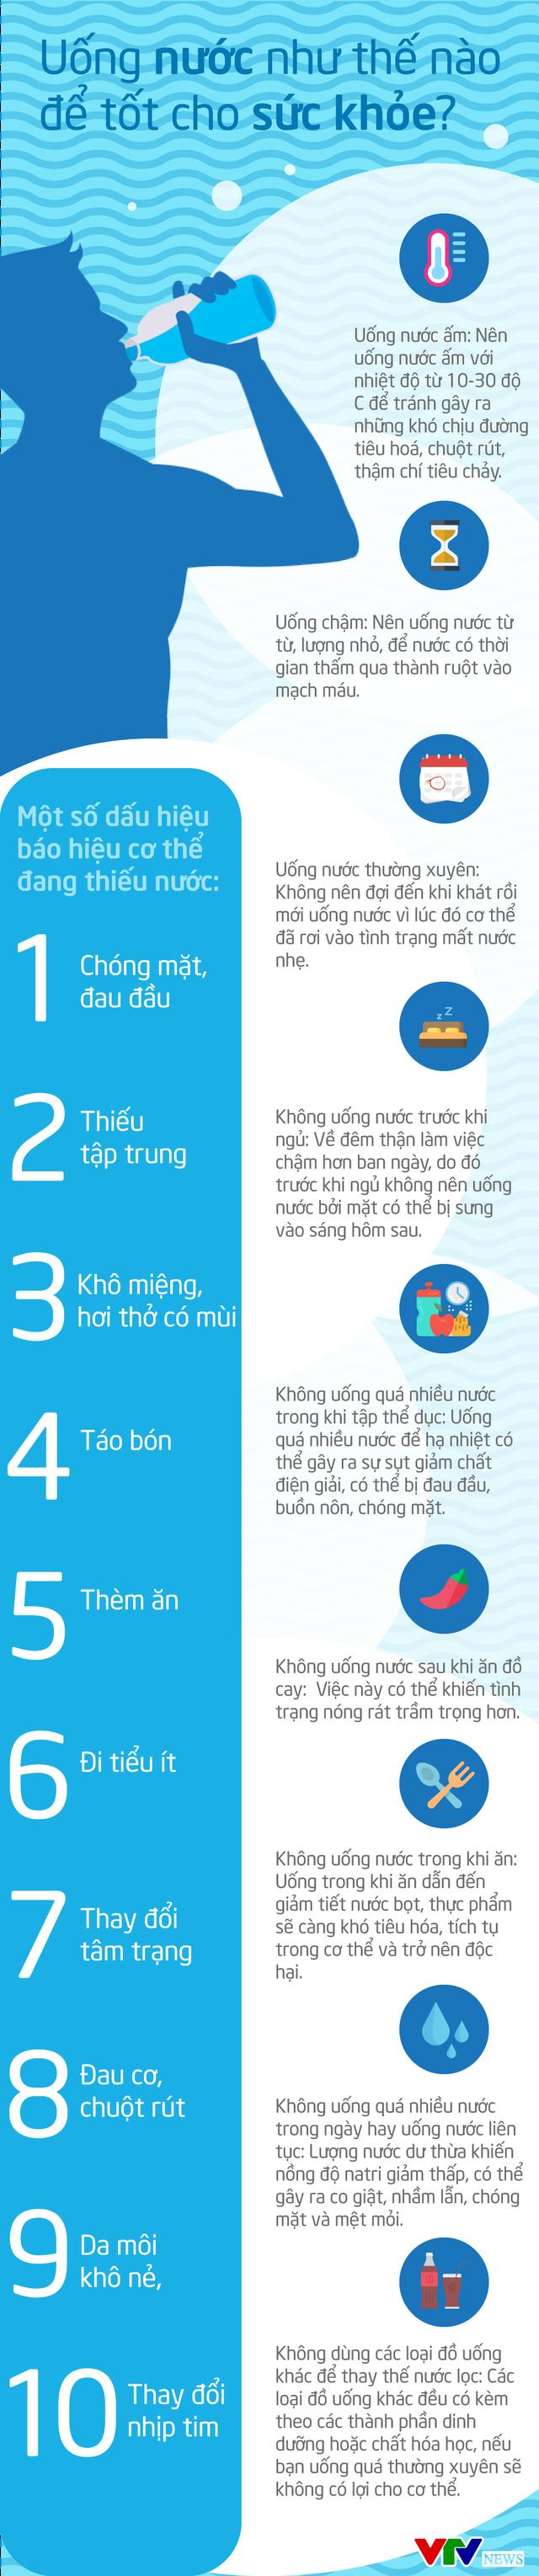 [INFOGRAPHIC] Uống nước như thế nào để tốt cho sức khỏe? - Ảnh 1.